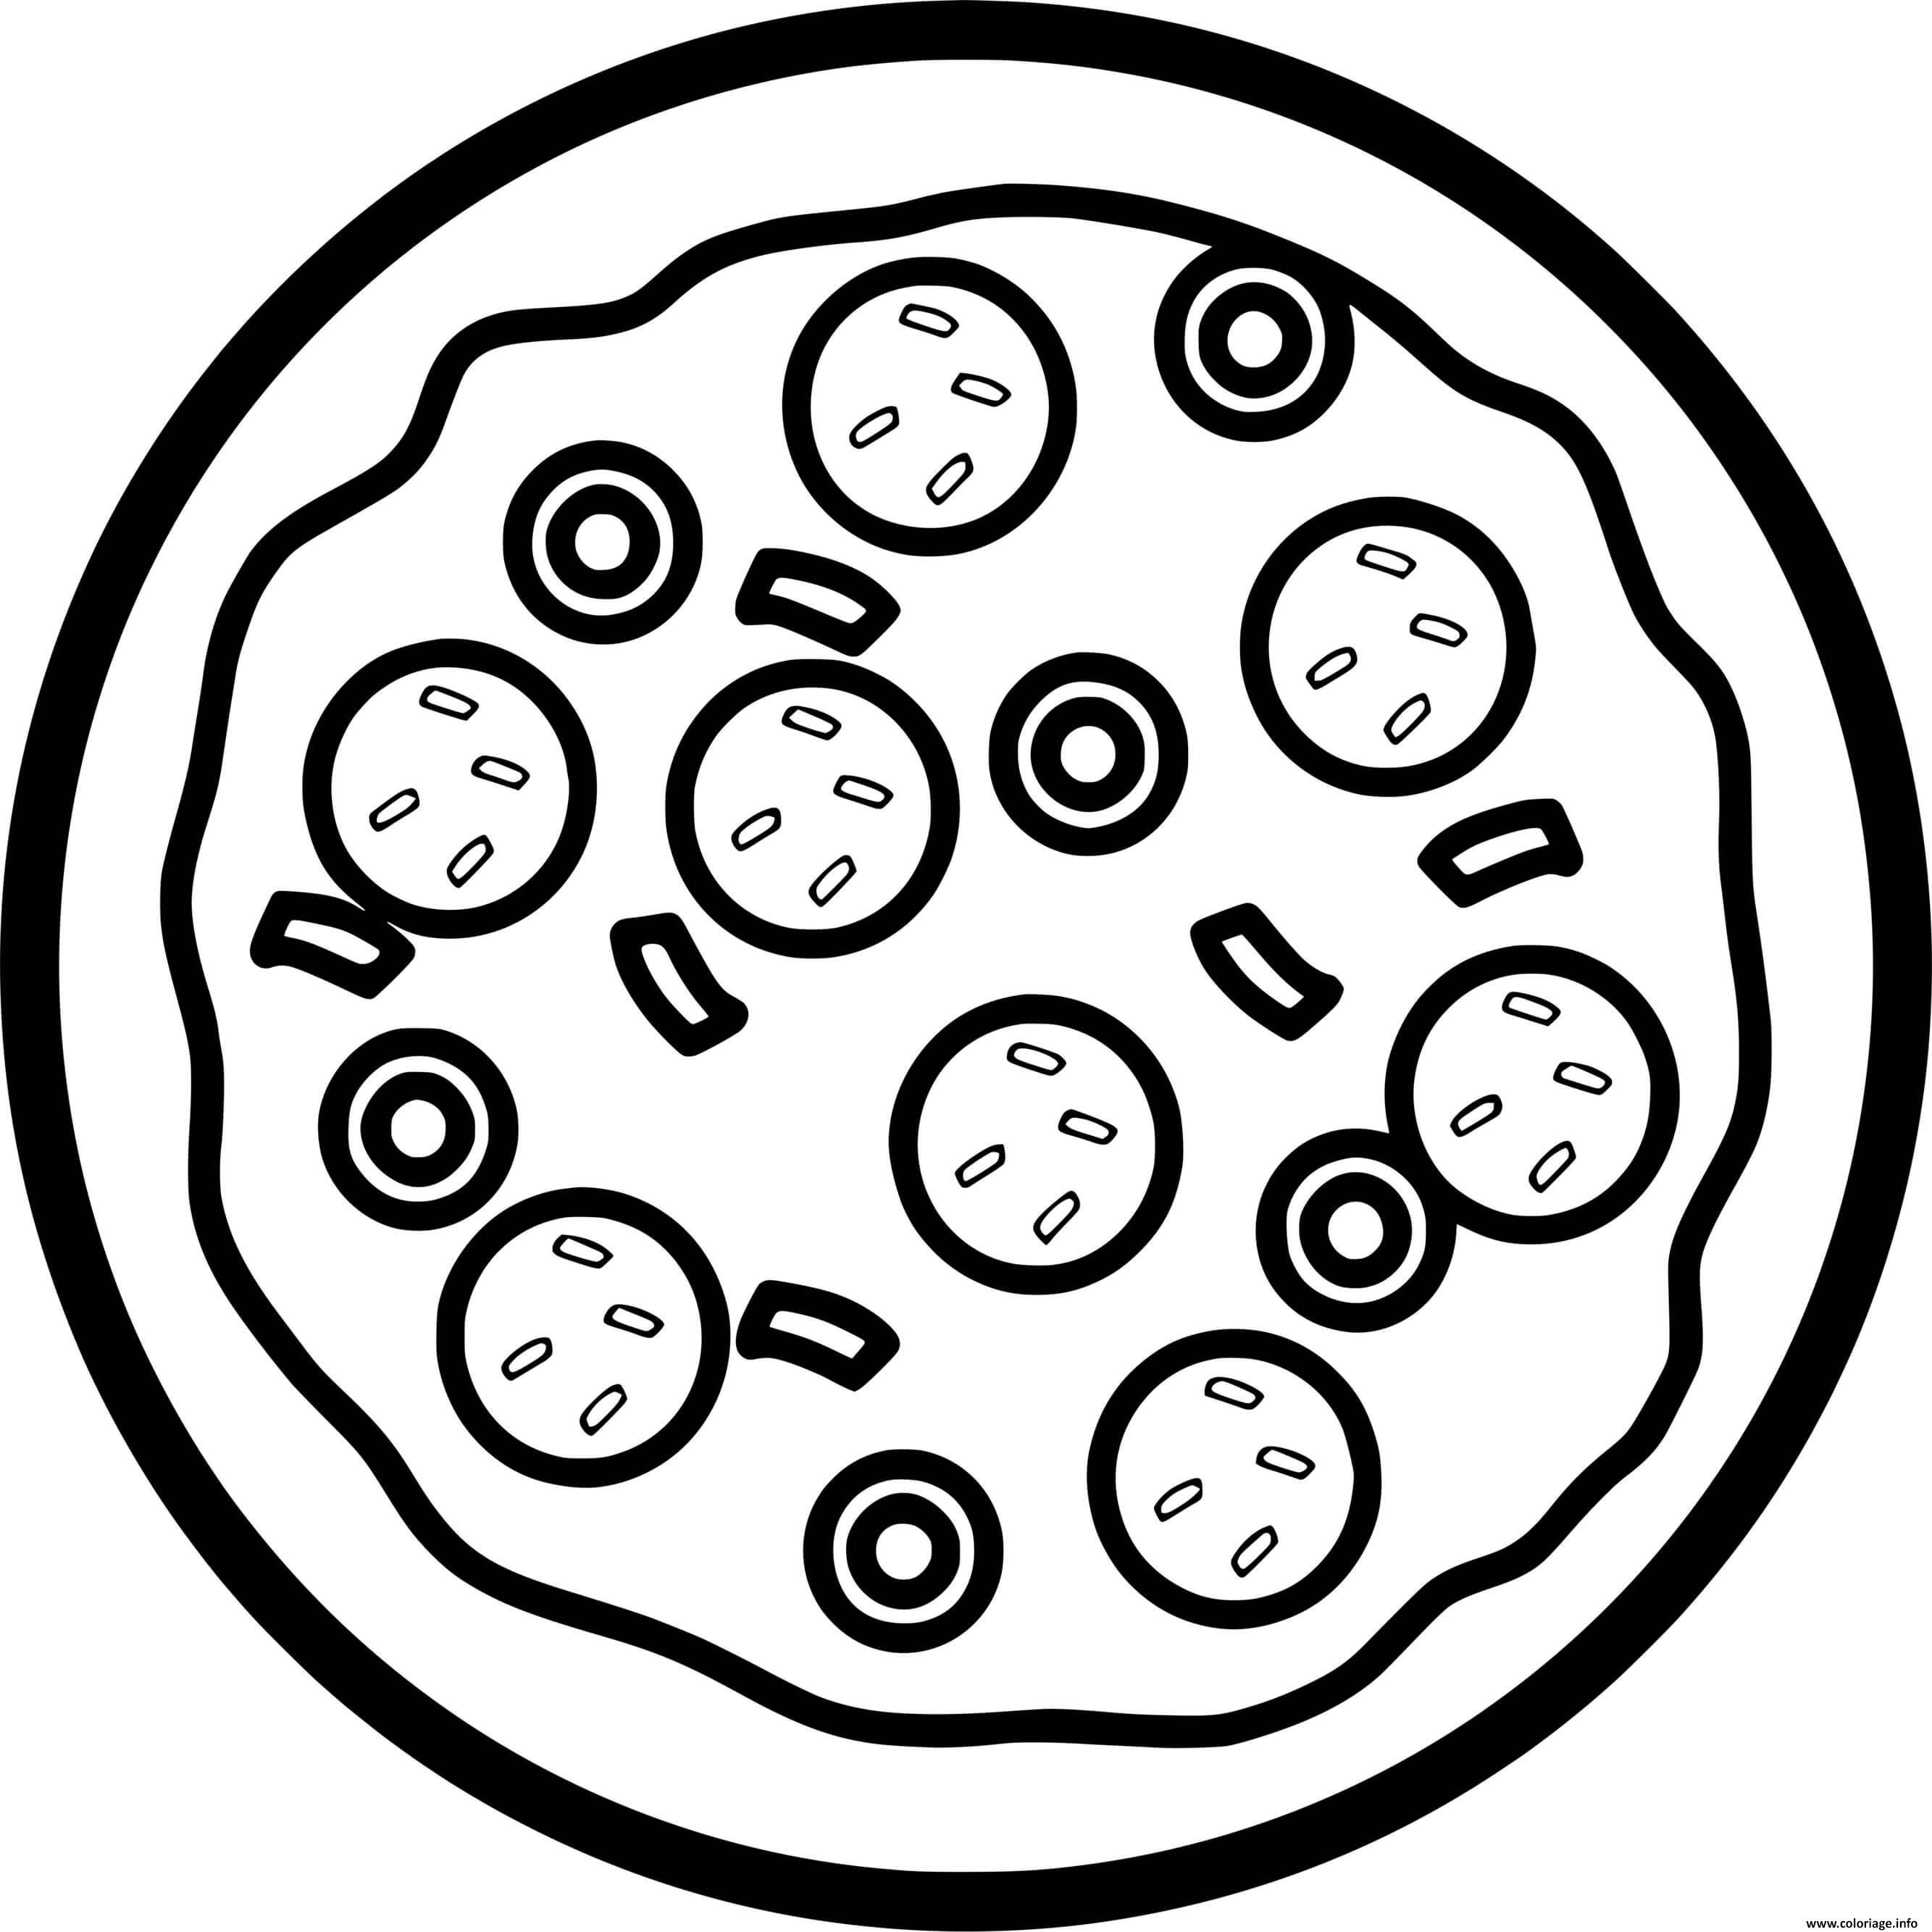 Dessin pizza pepperoni olive fromage Coloriage Gratuit à Imprimer